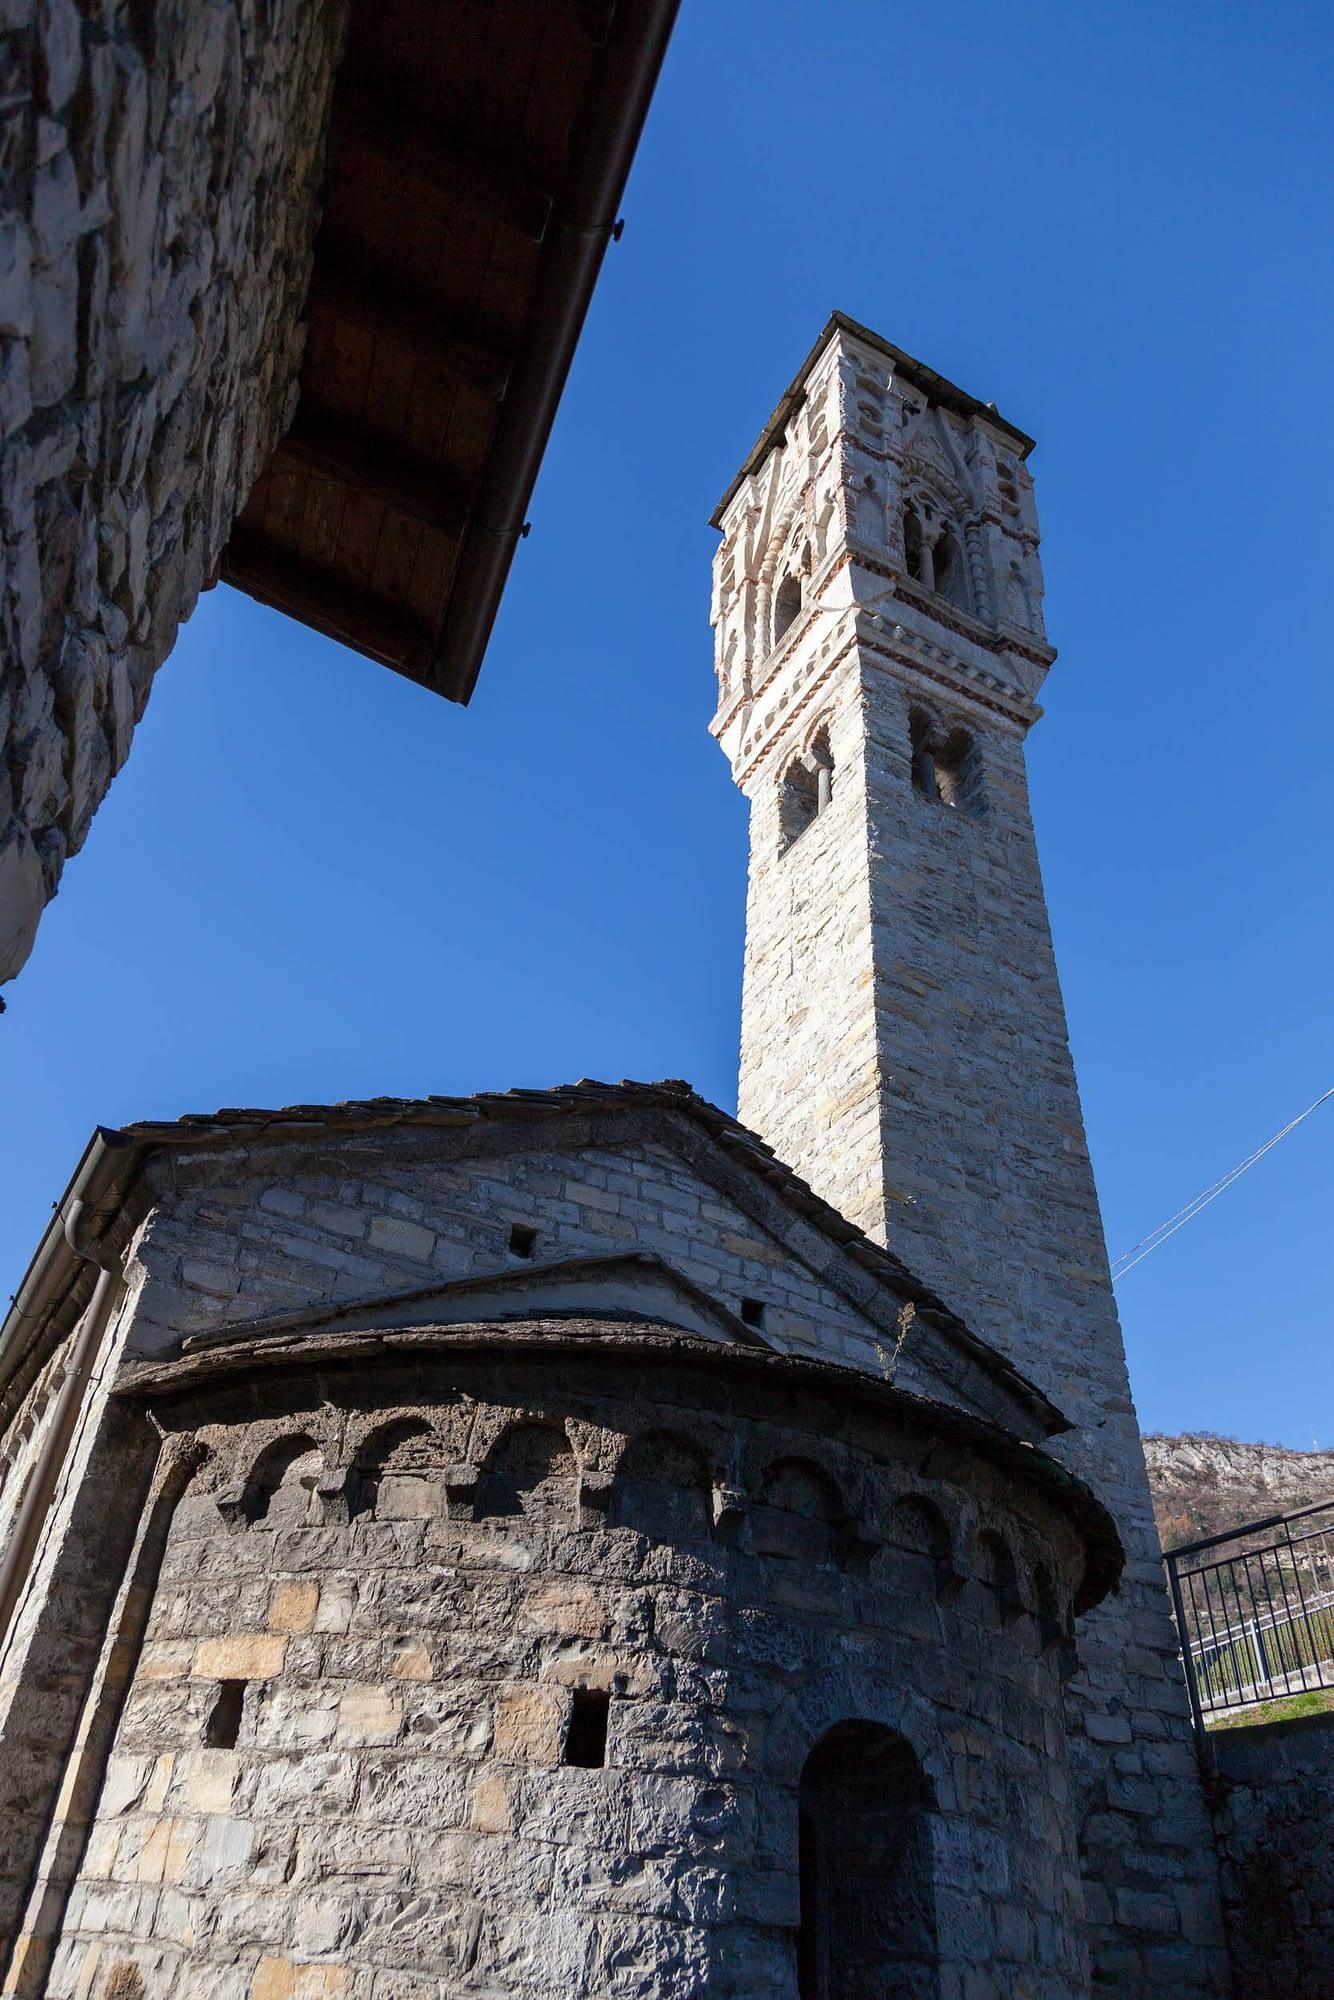 Chiesa di Santa Maria Maddalena - Ossuccio - Tremezzina